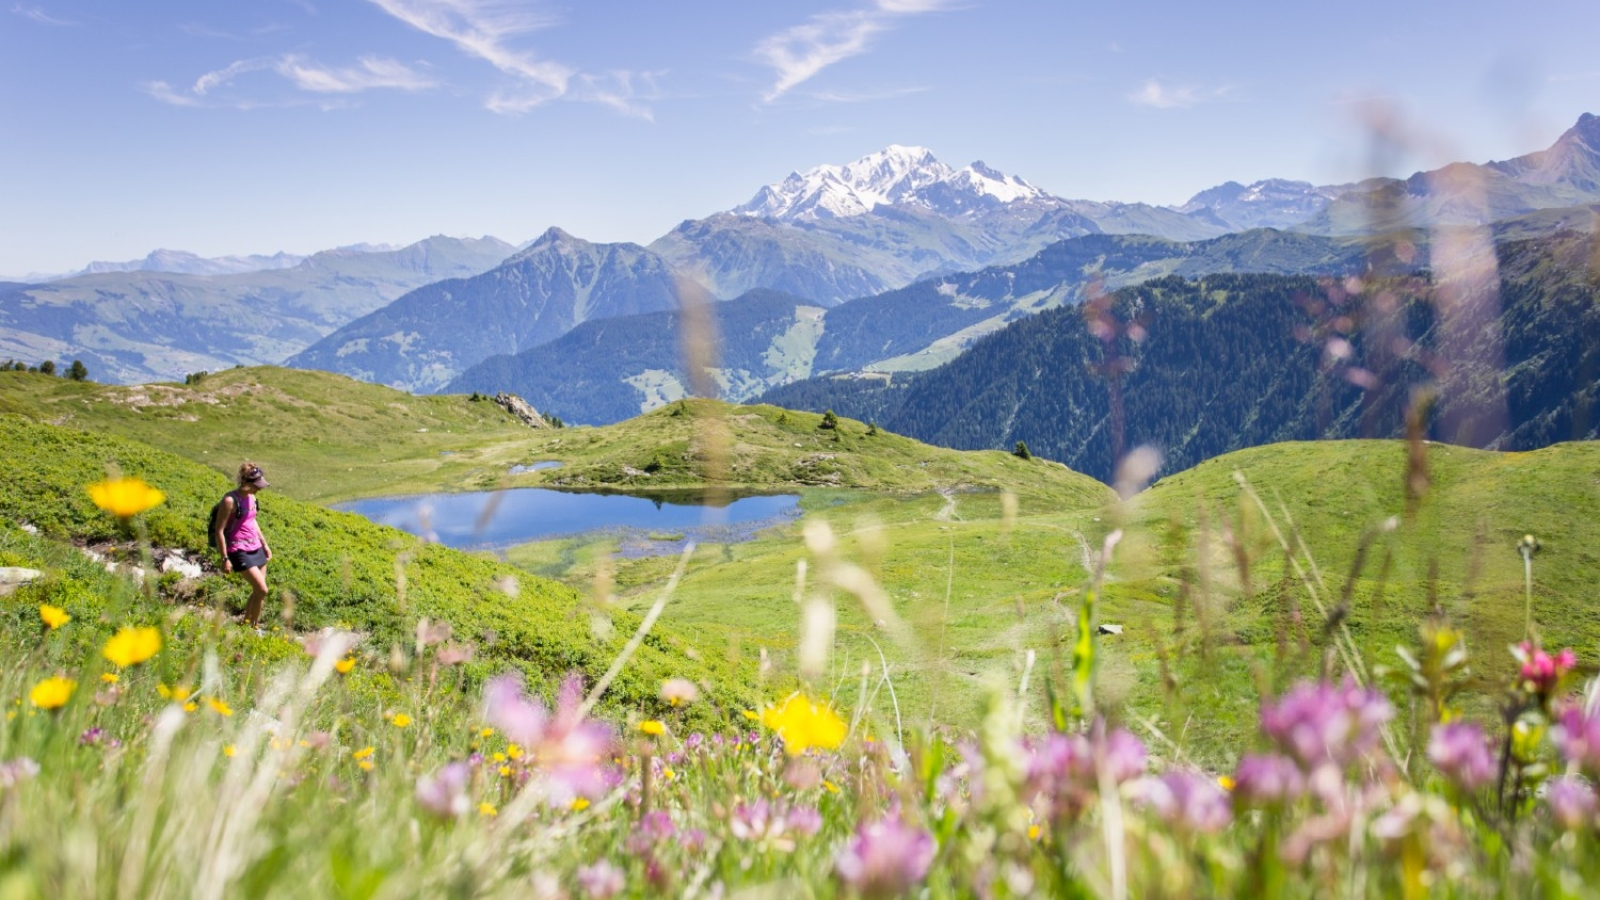 Randonnée en alpage au bord d'un lac entouré de fleurs de montagne